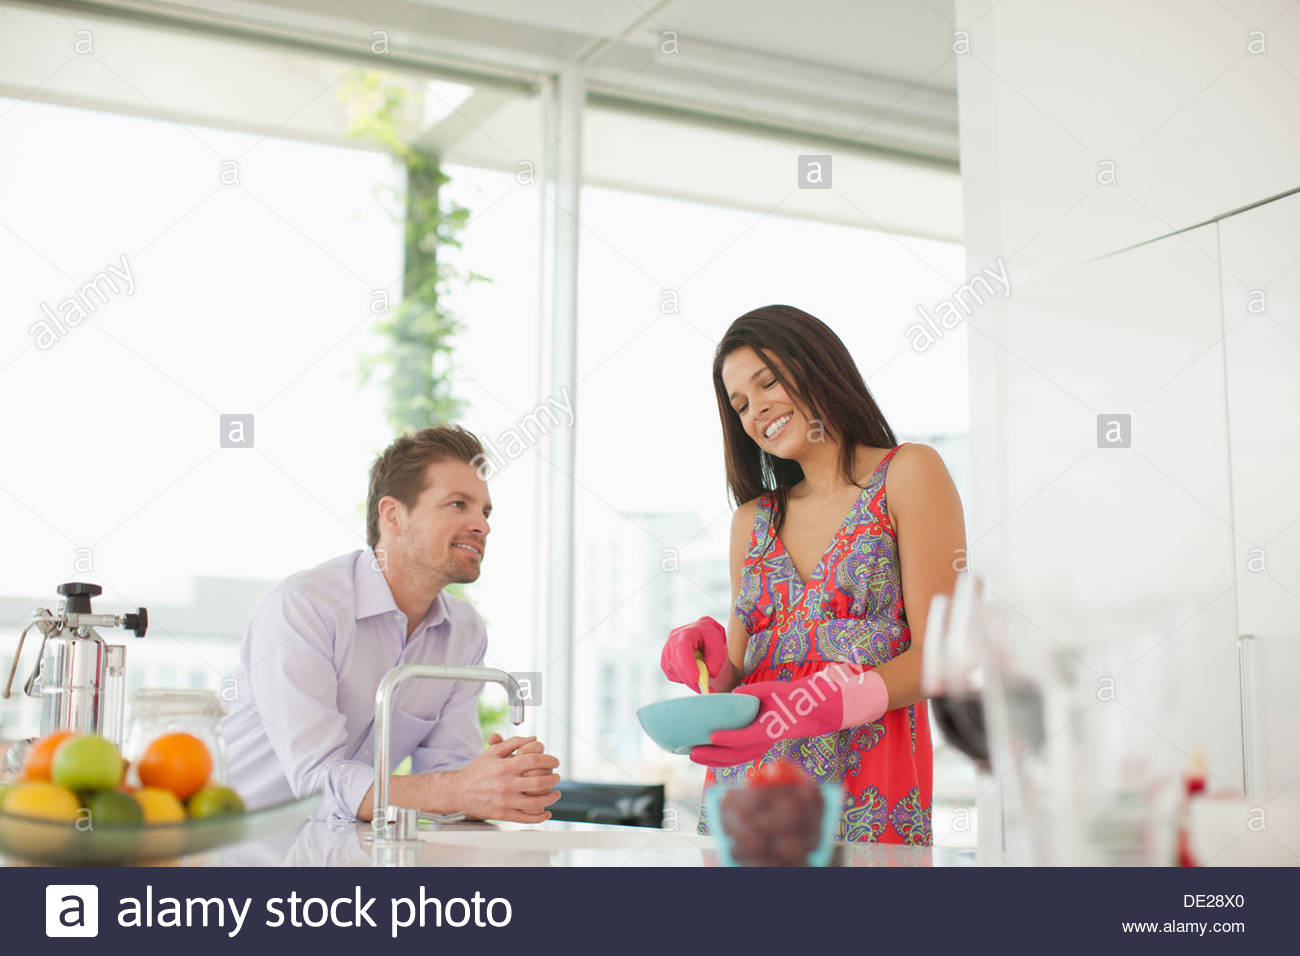 Mann beobachtet Frau Geschirrspülen Stockbild